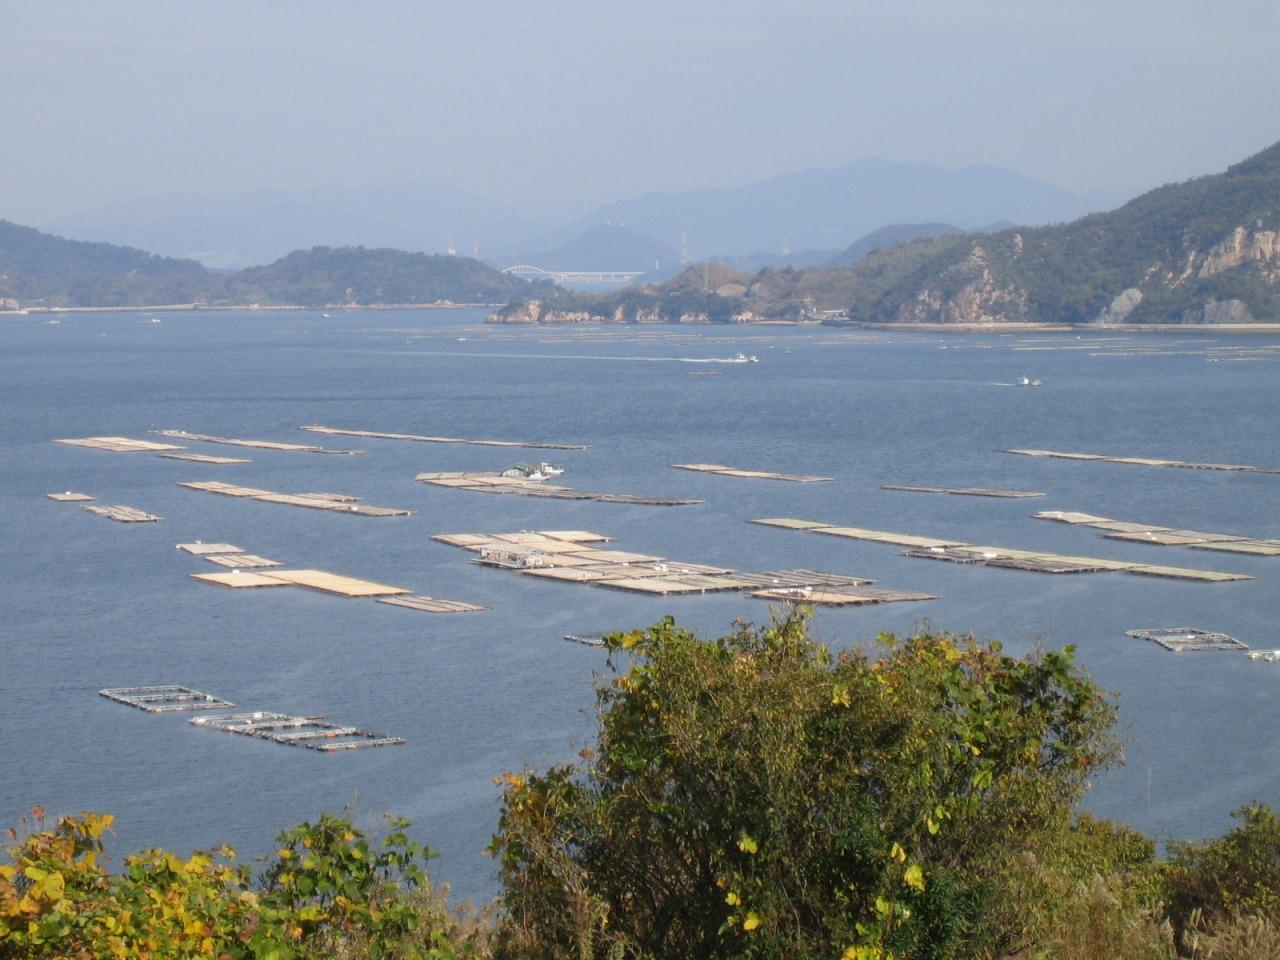 江田島に浮かぶ牡蠣筏、牡蠣の浄水機能も近年、注目を集めている